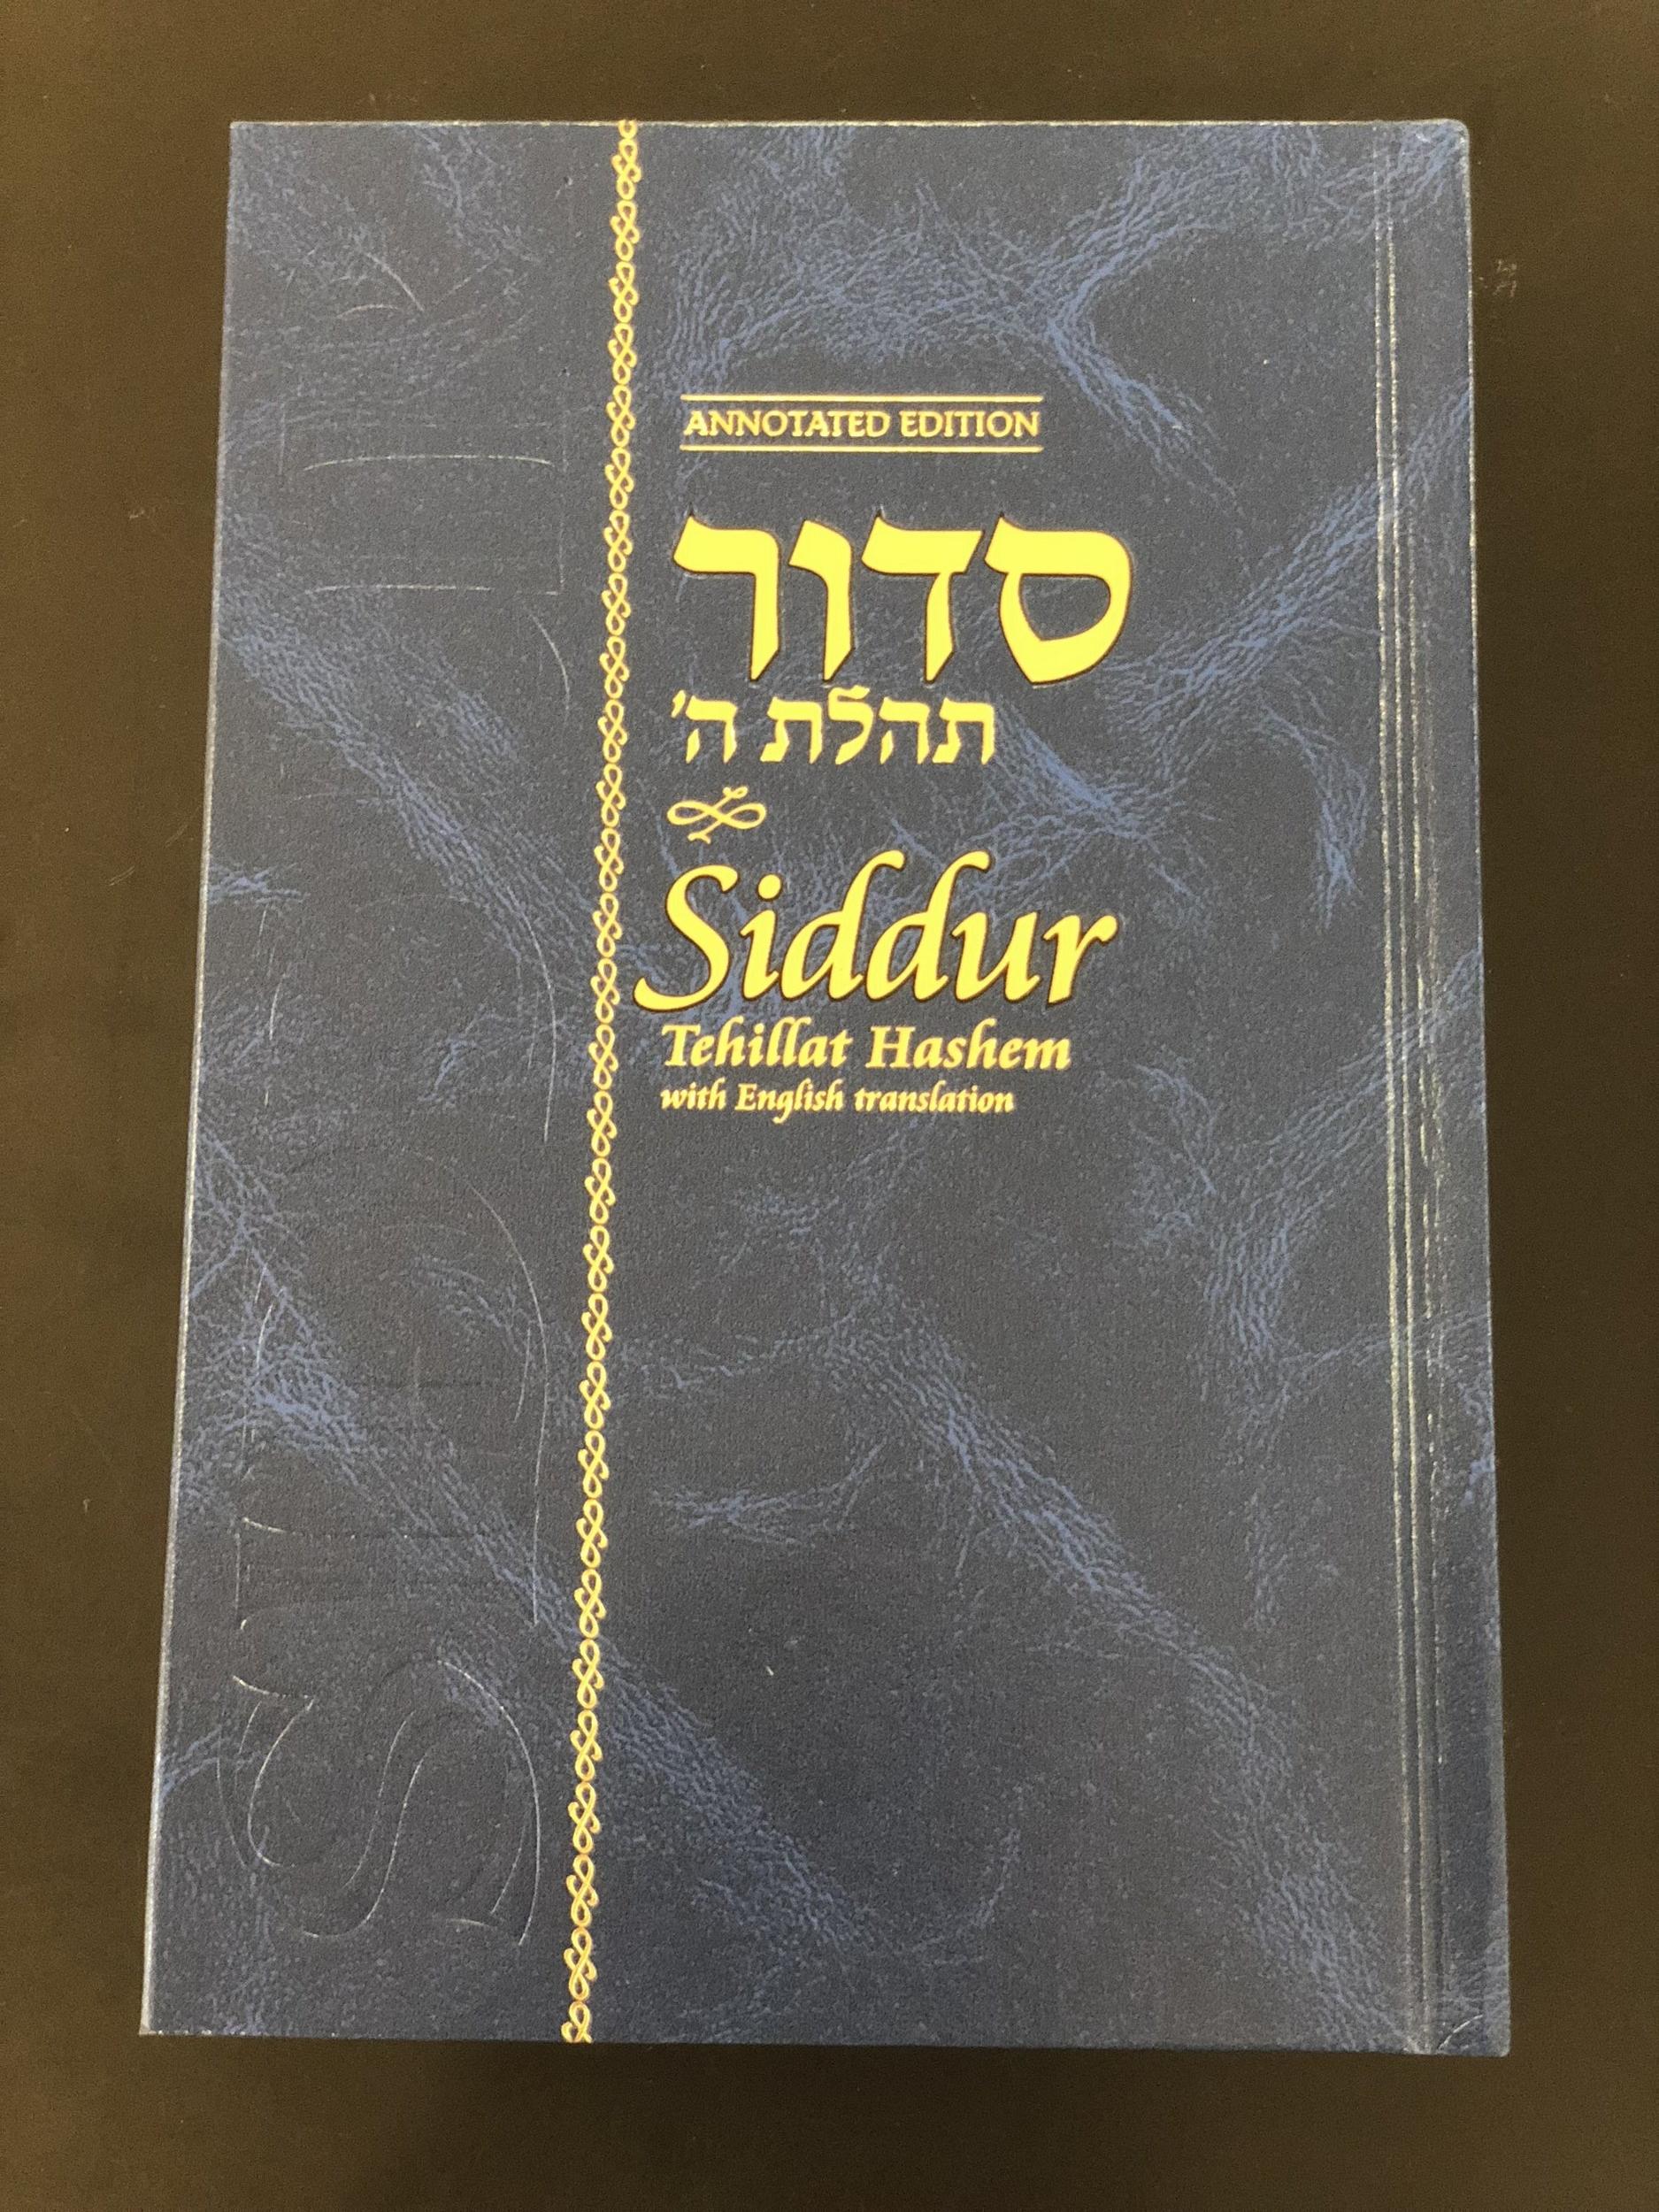 Siddurs and Jewish Books